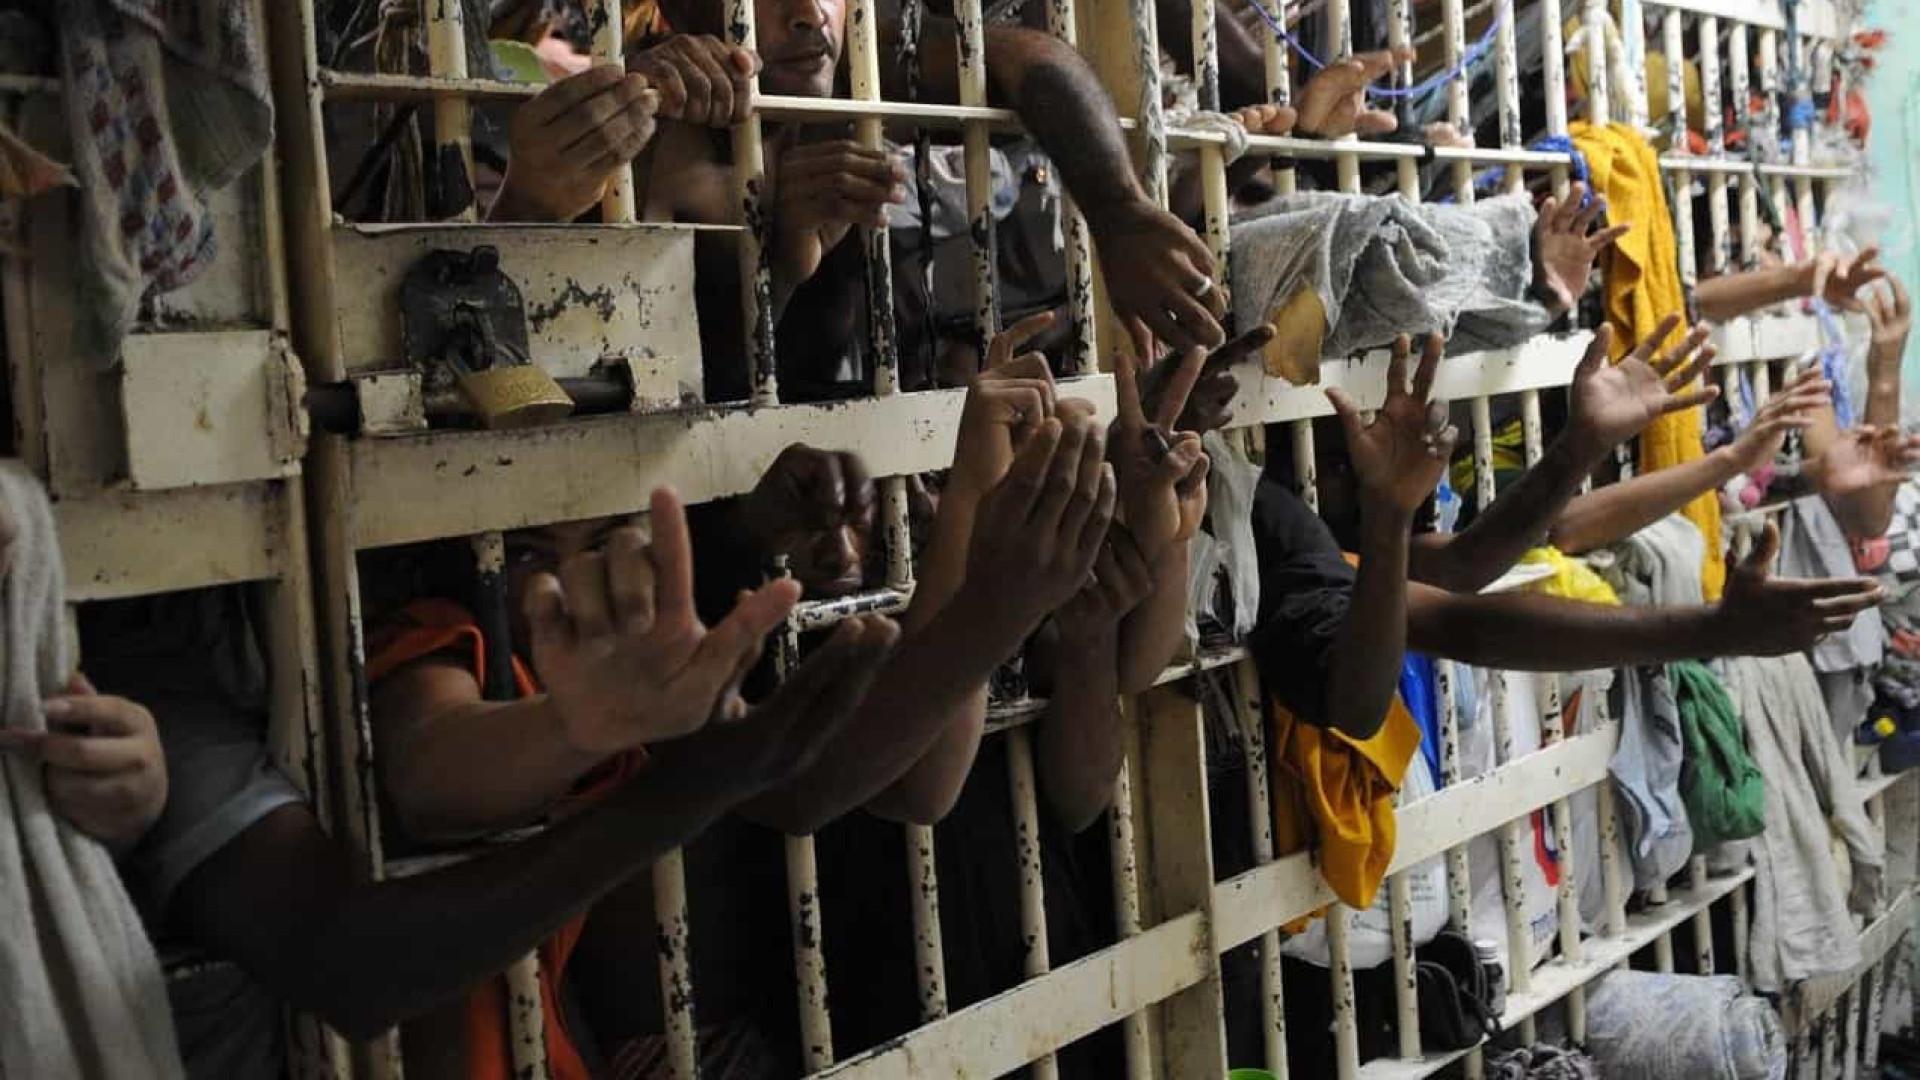 26 dos 62 mortos em massacre no Pará eram presos provisórios